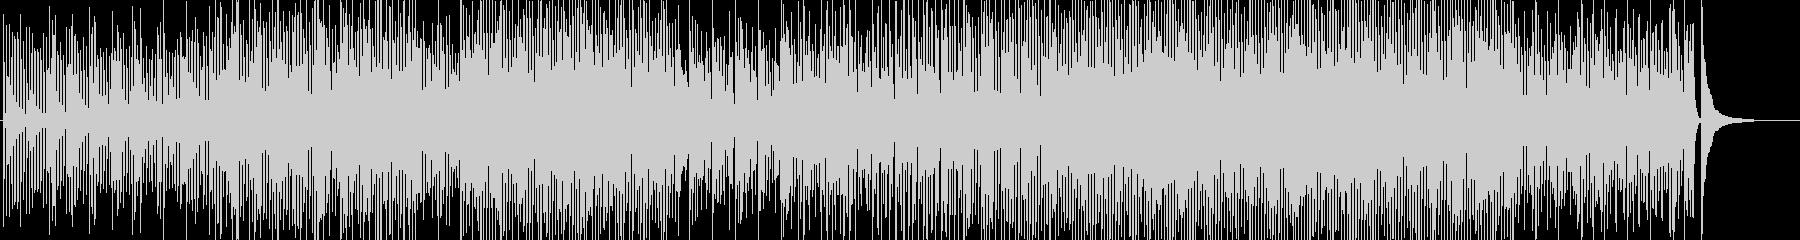 軽快-ポップ-PV-動画-CM-ほっこりの未再生の波形